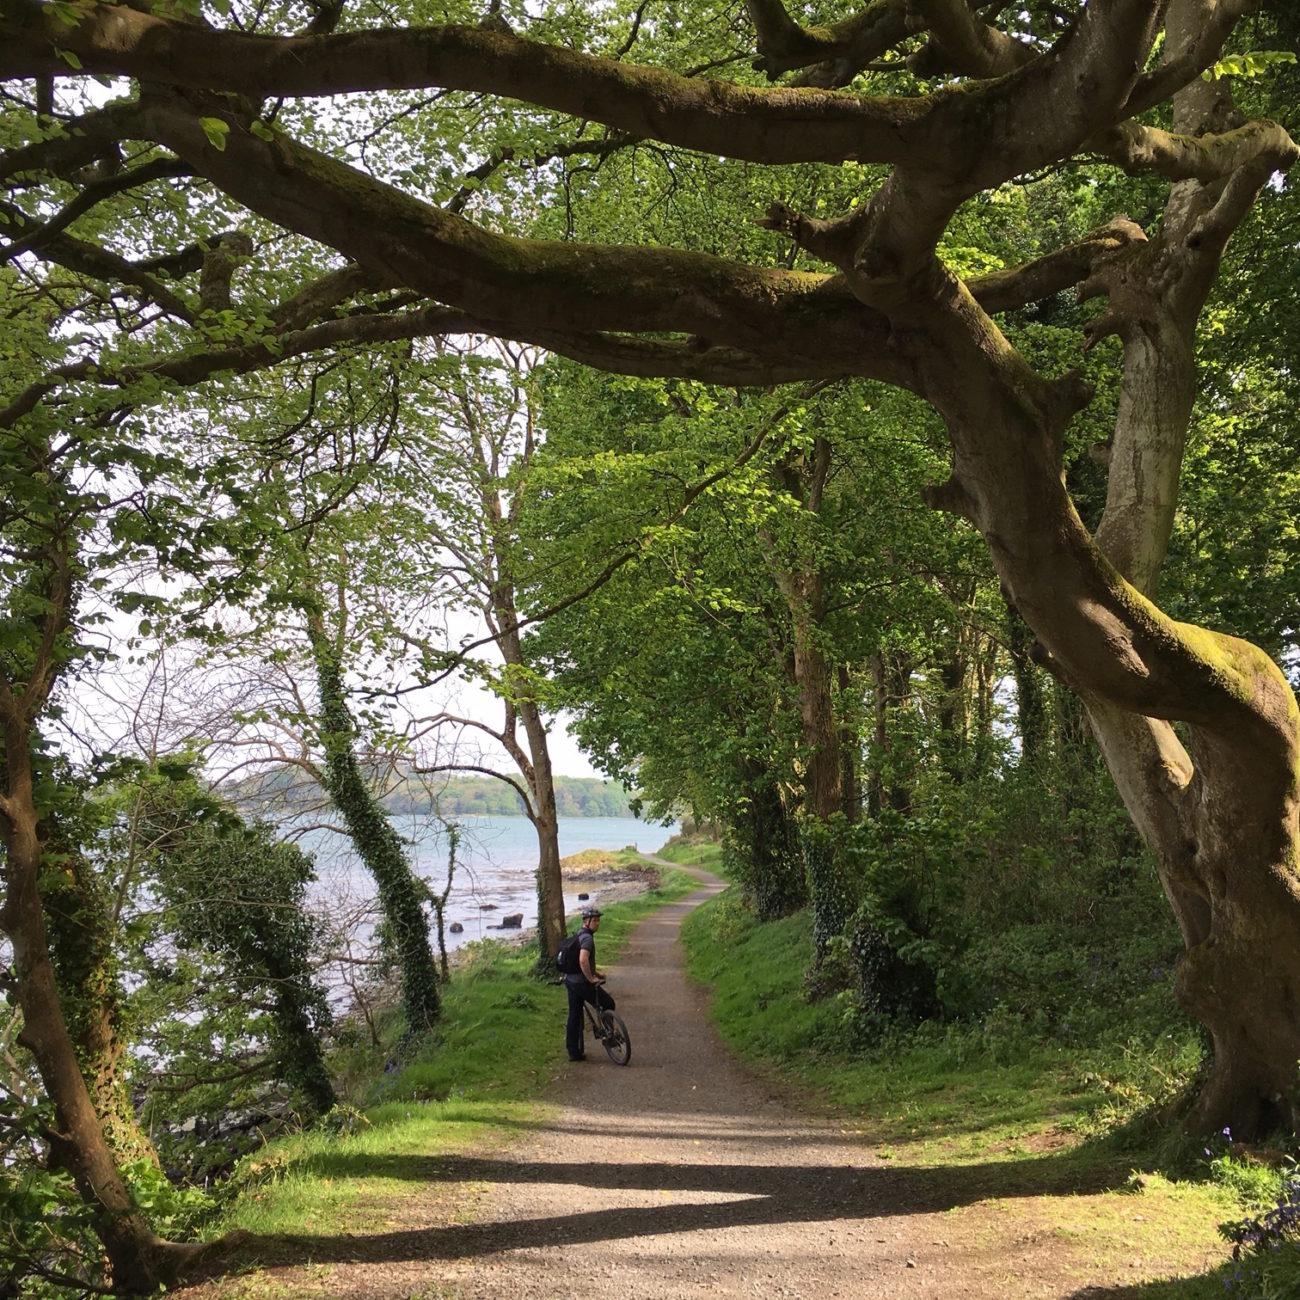 Een van de filmlocaties van Game of Thrones, een fietser onder de bomen op een pad langs een meer